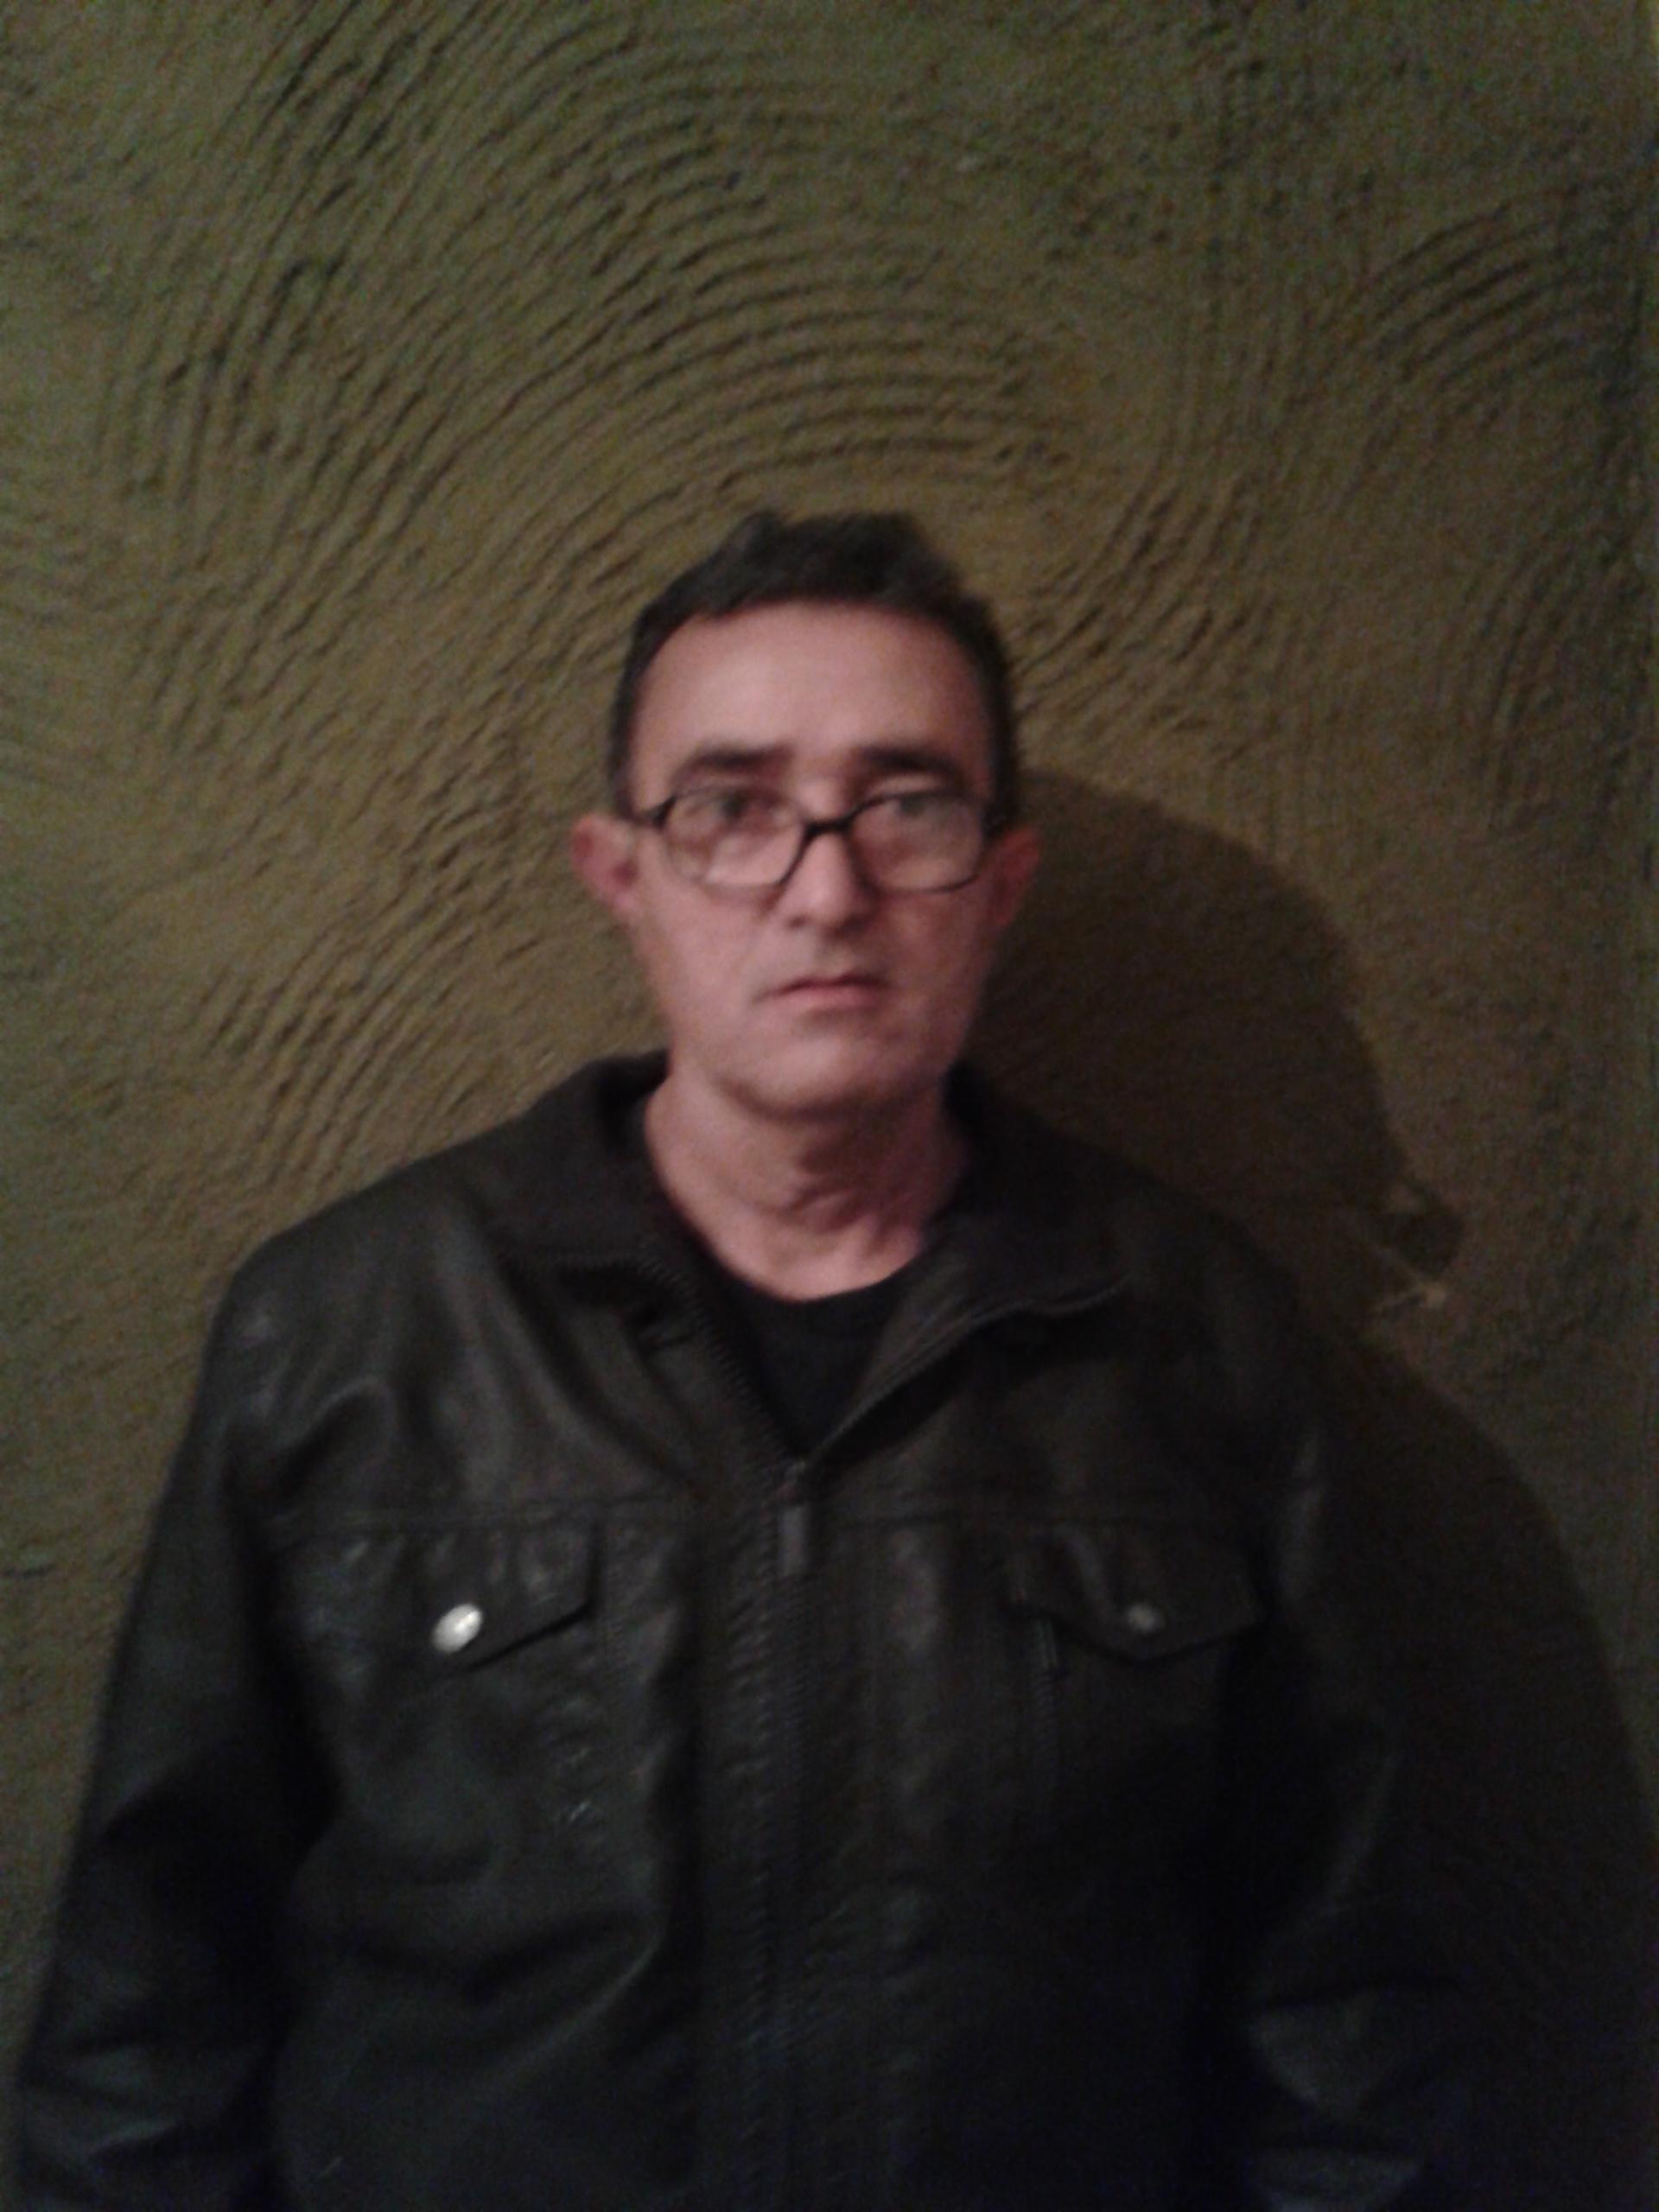 Valdir Pedro vai se reunir hoje com conselho diretor da Uniwidia